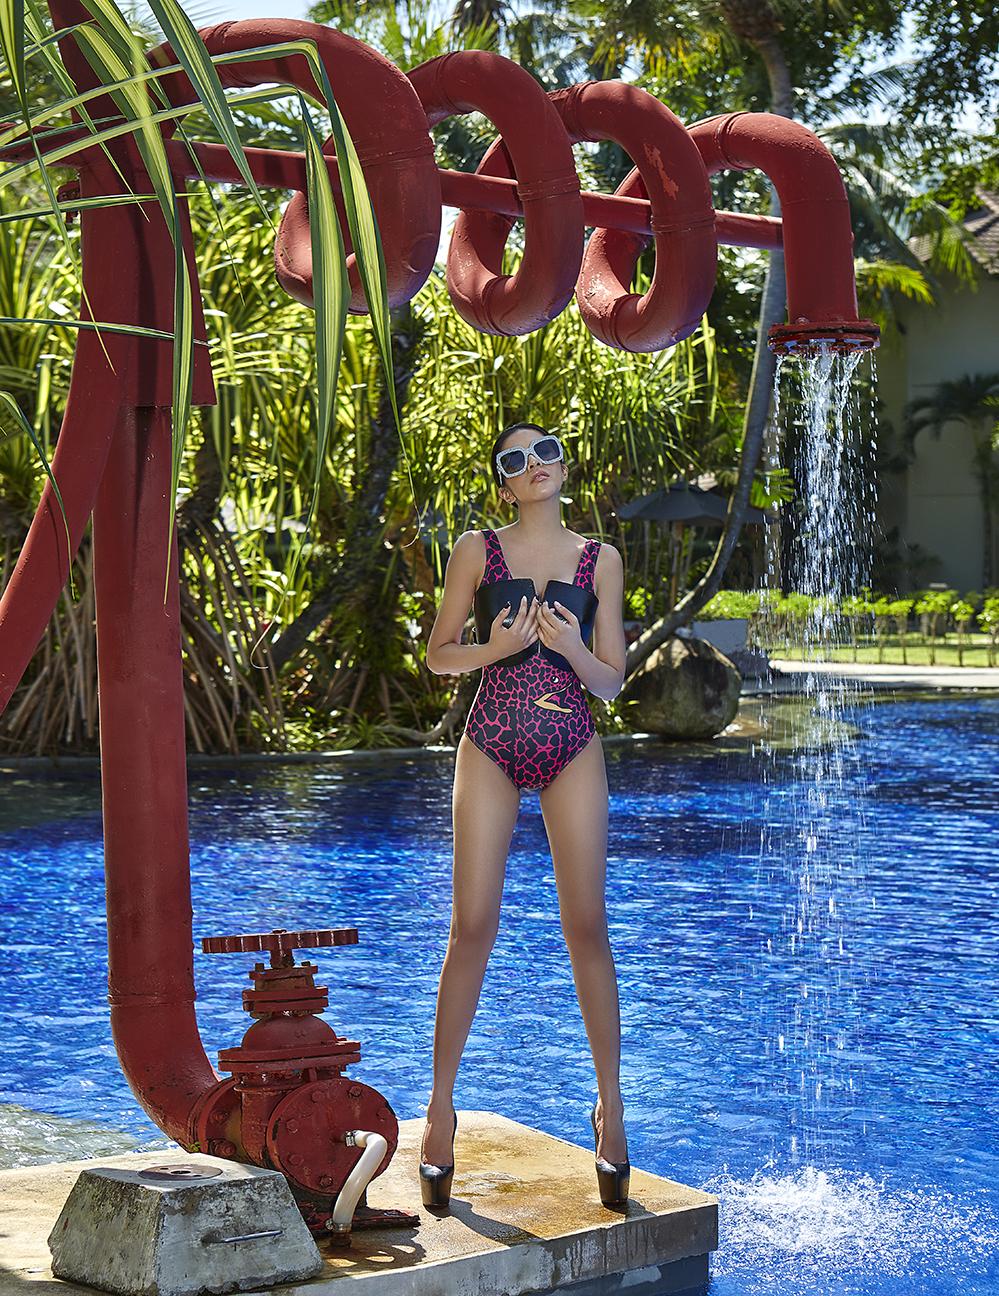 swimwear : La La Love / leather bra : 77th / sunglasses : GUCCI / shoes : Christian Louboutin